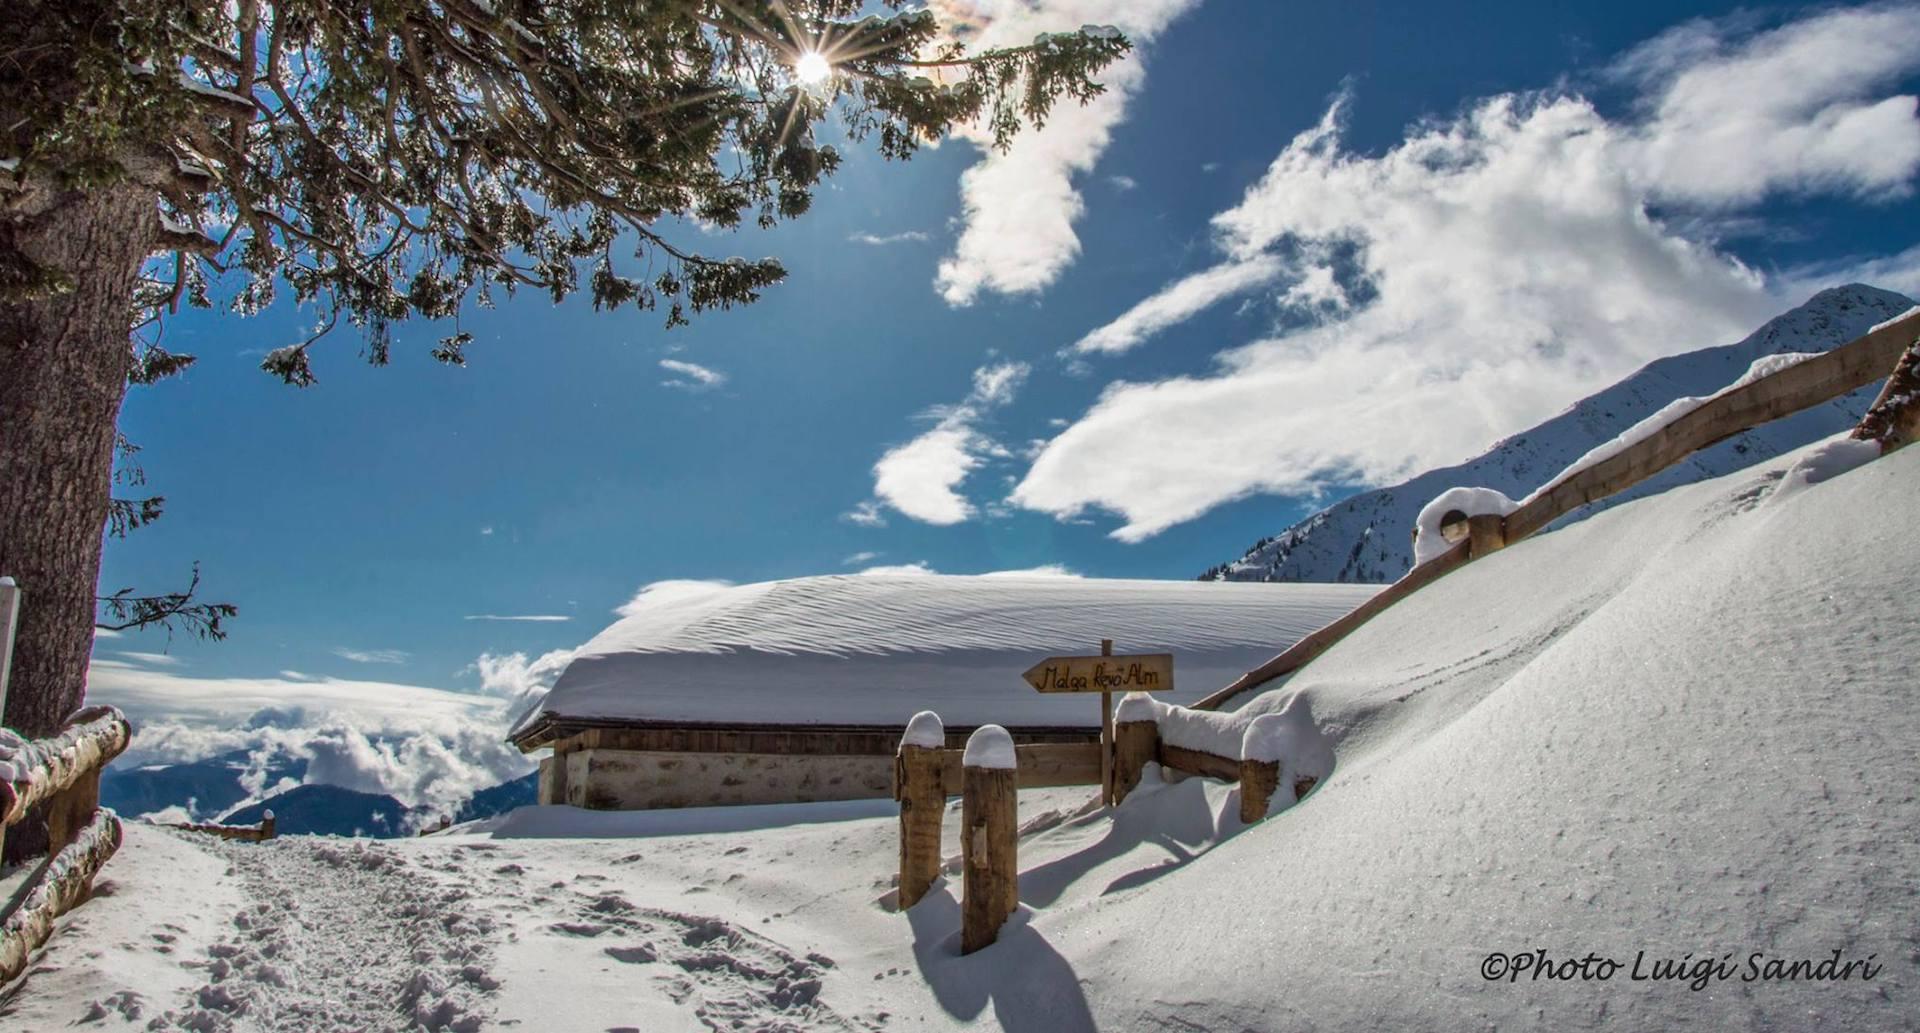 inverno-montagna-val-di-non-luigi-sandri